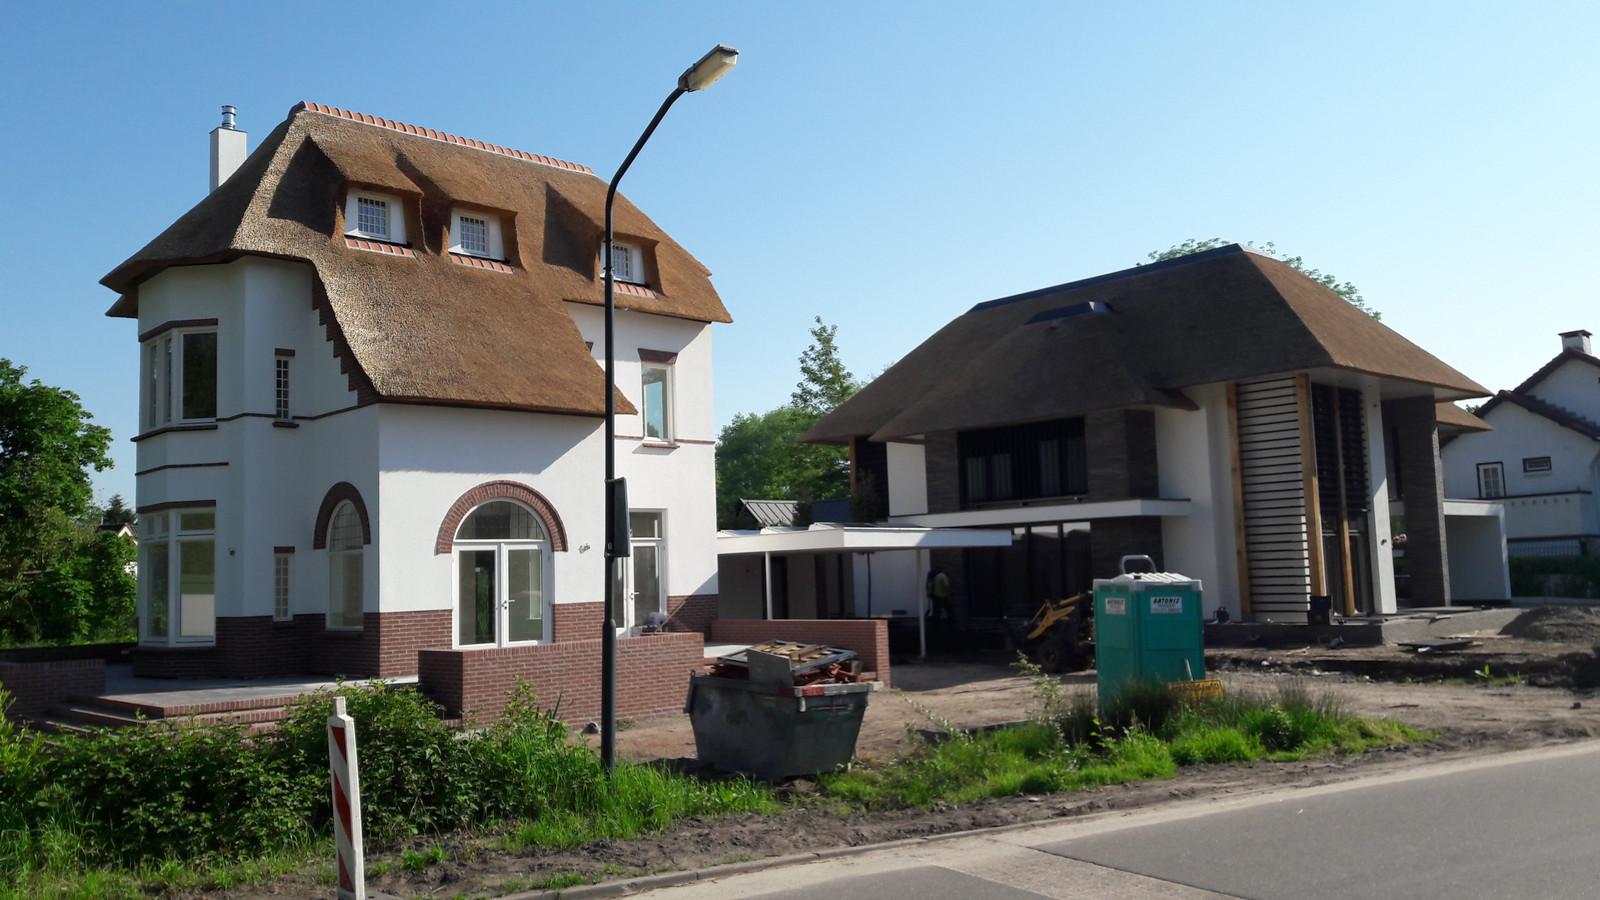 De nieuwe villa aan de Gemullehoekenweg, met vlak erachter de nieuwbouw na kavelsplitsing.